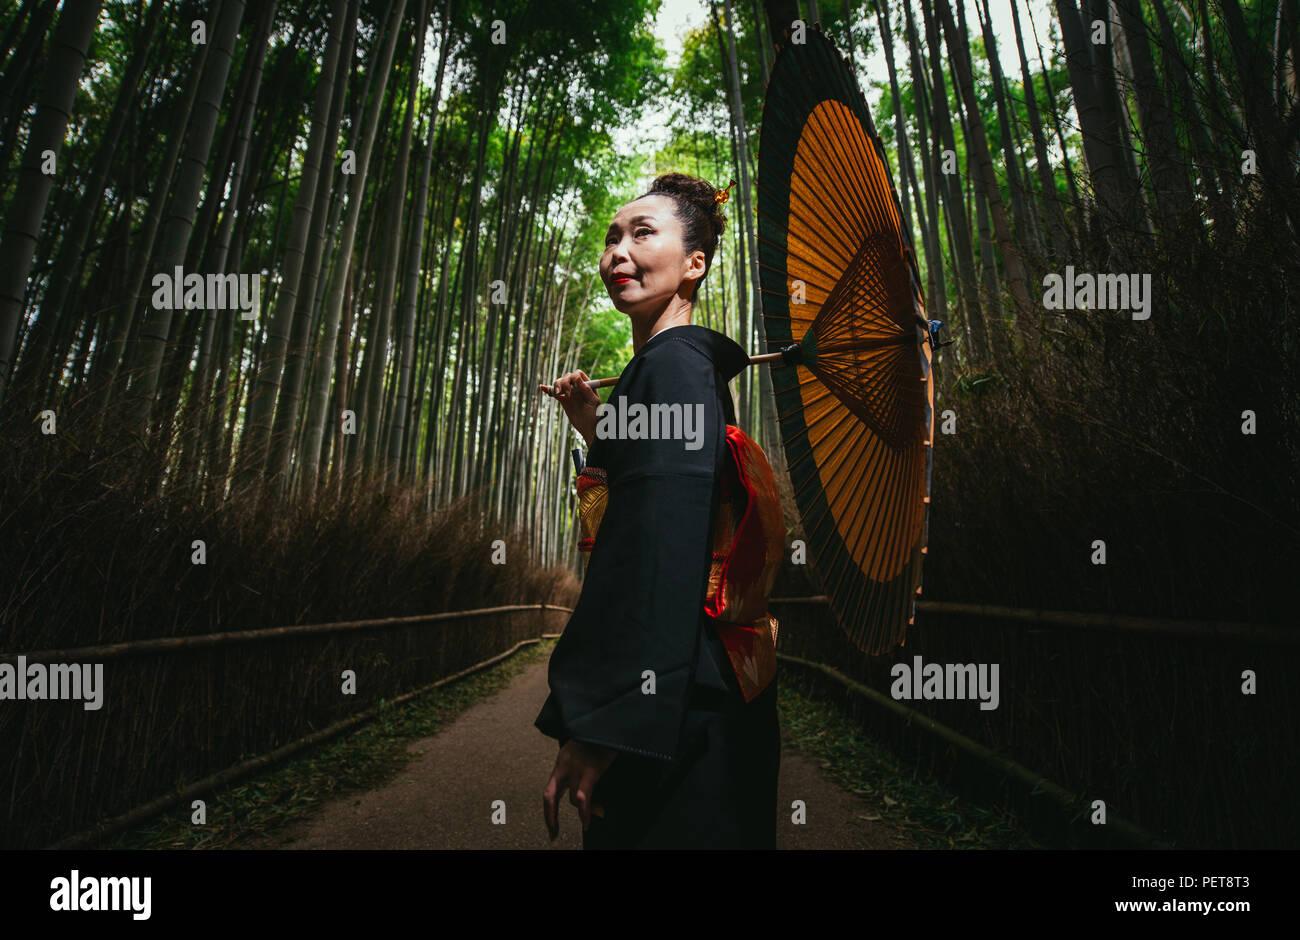 Hermosa mujer senior japonés caminando en el bosque de bambú Imagen De Stock